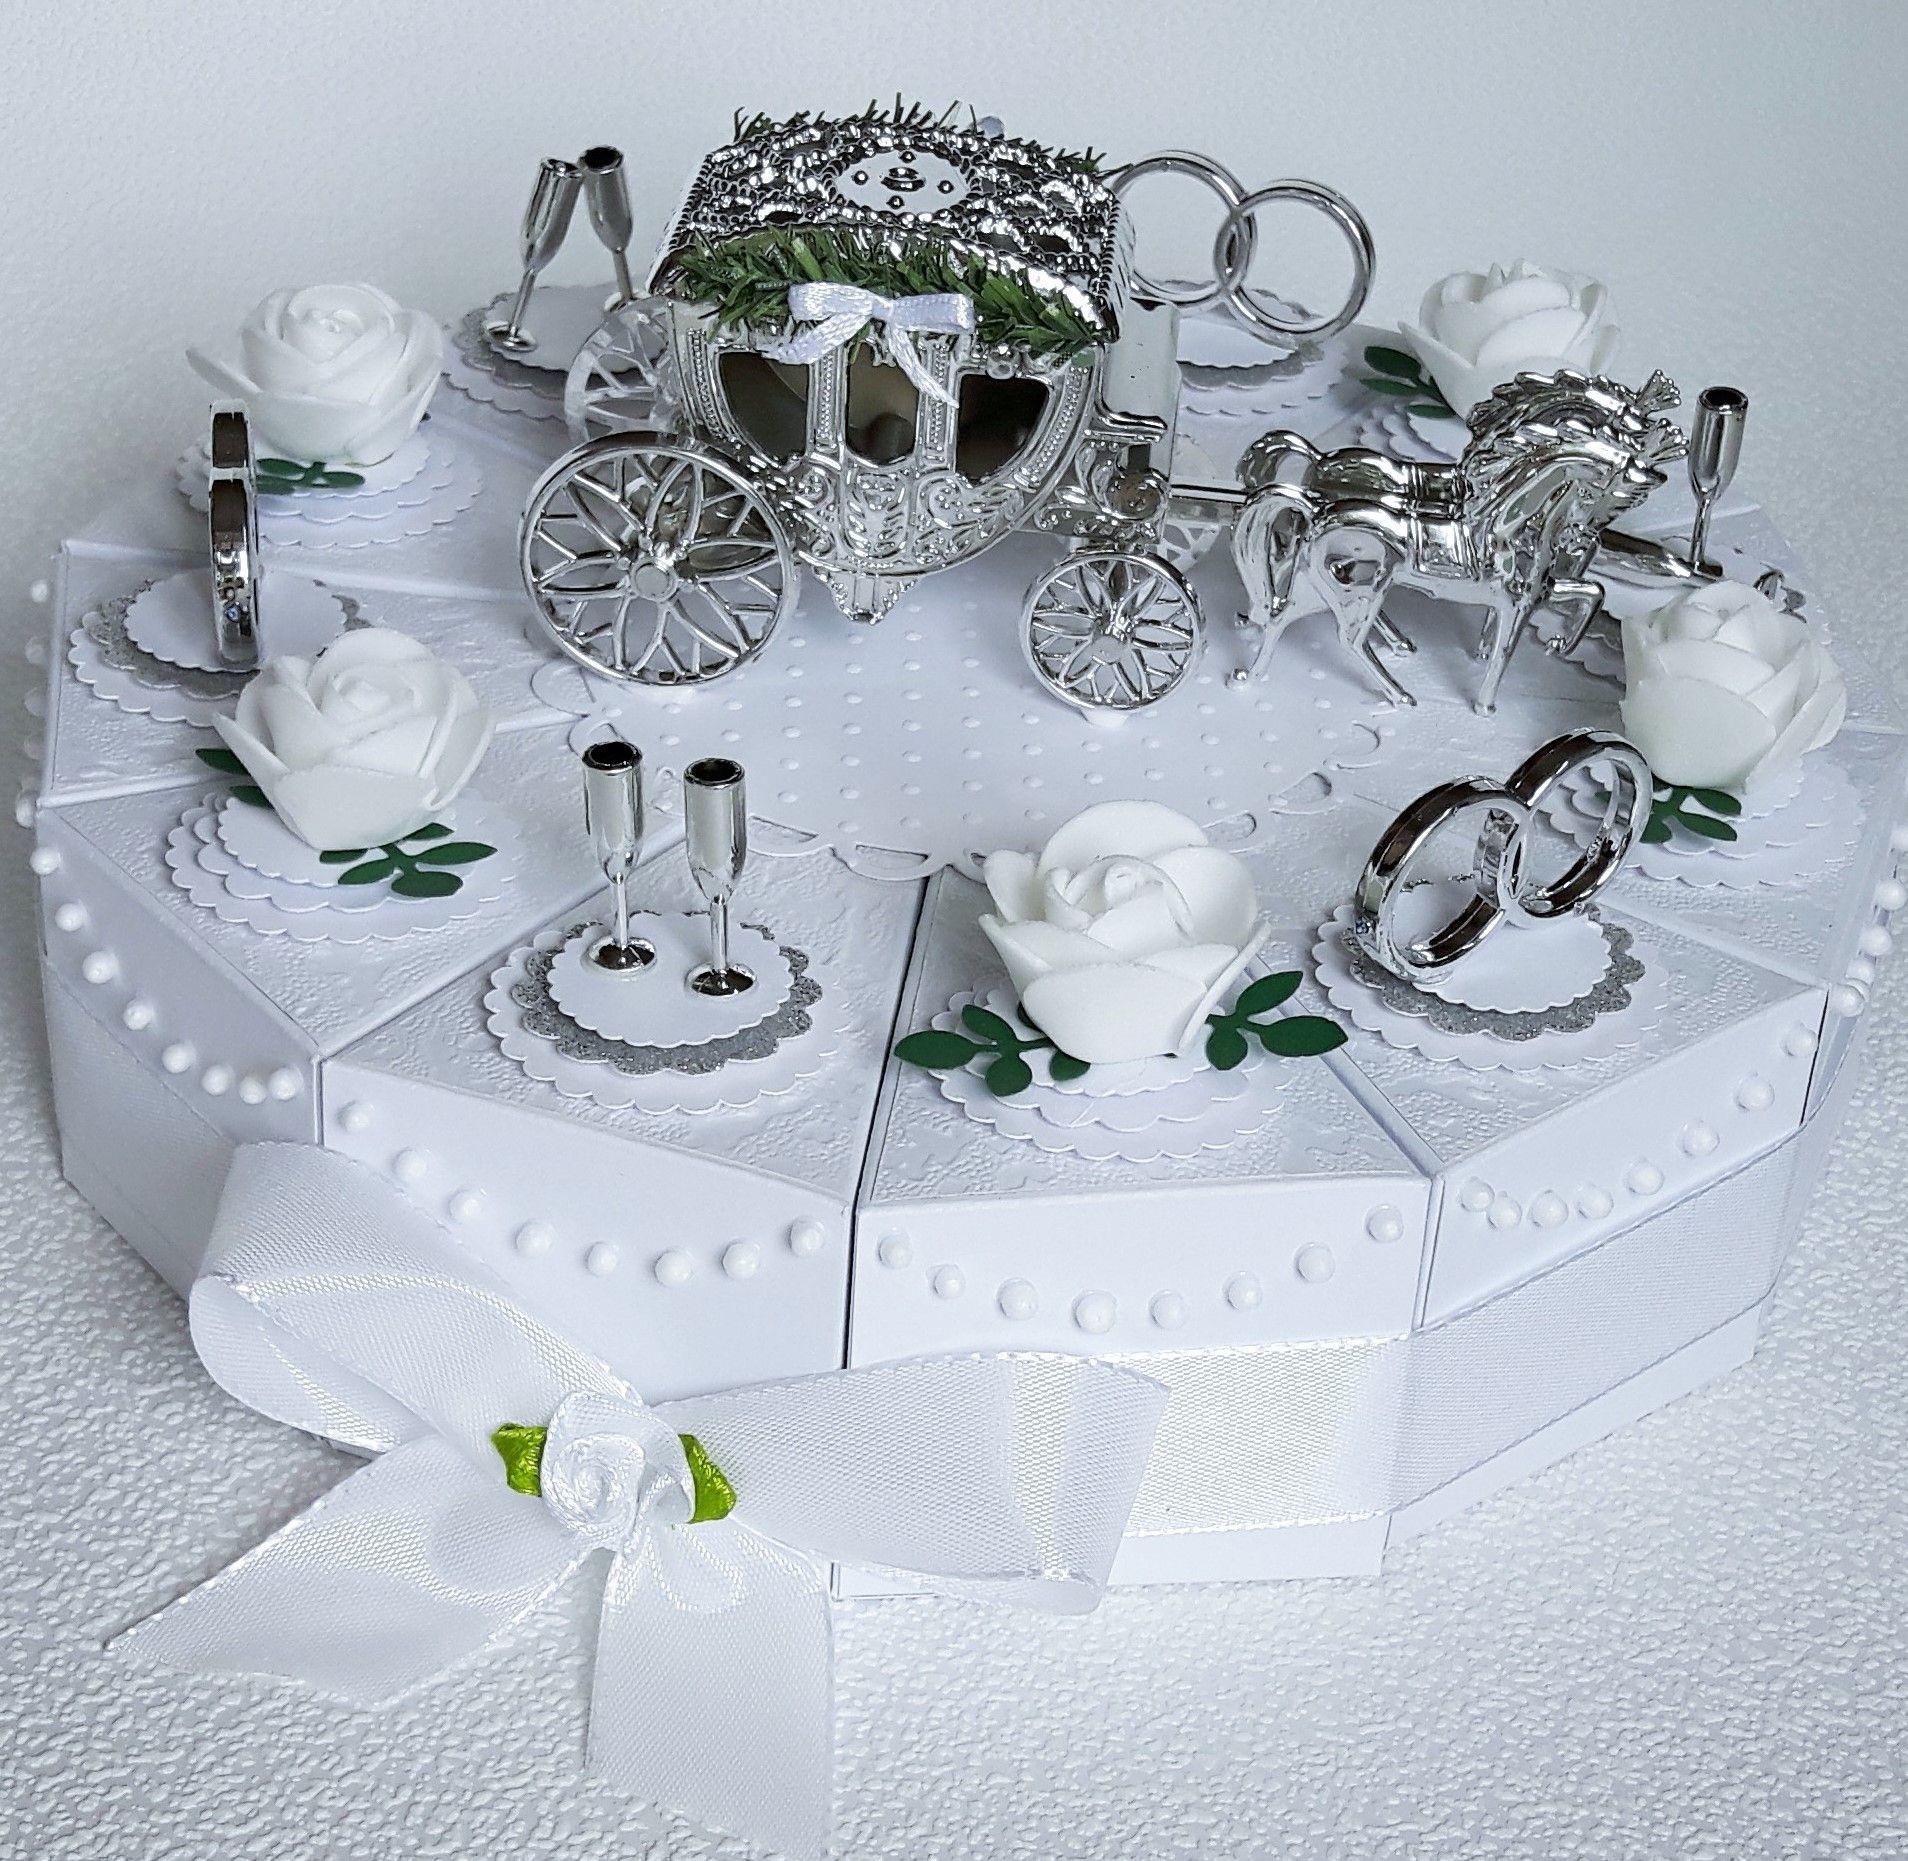 Originelle Geschenke Zur Silberhochzeit  Geldgeschenk Hochzeit Silberhochzeit Love